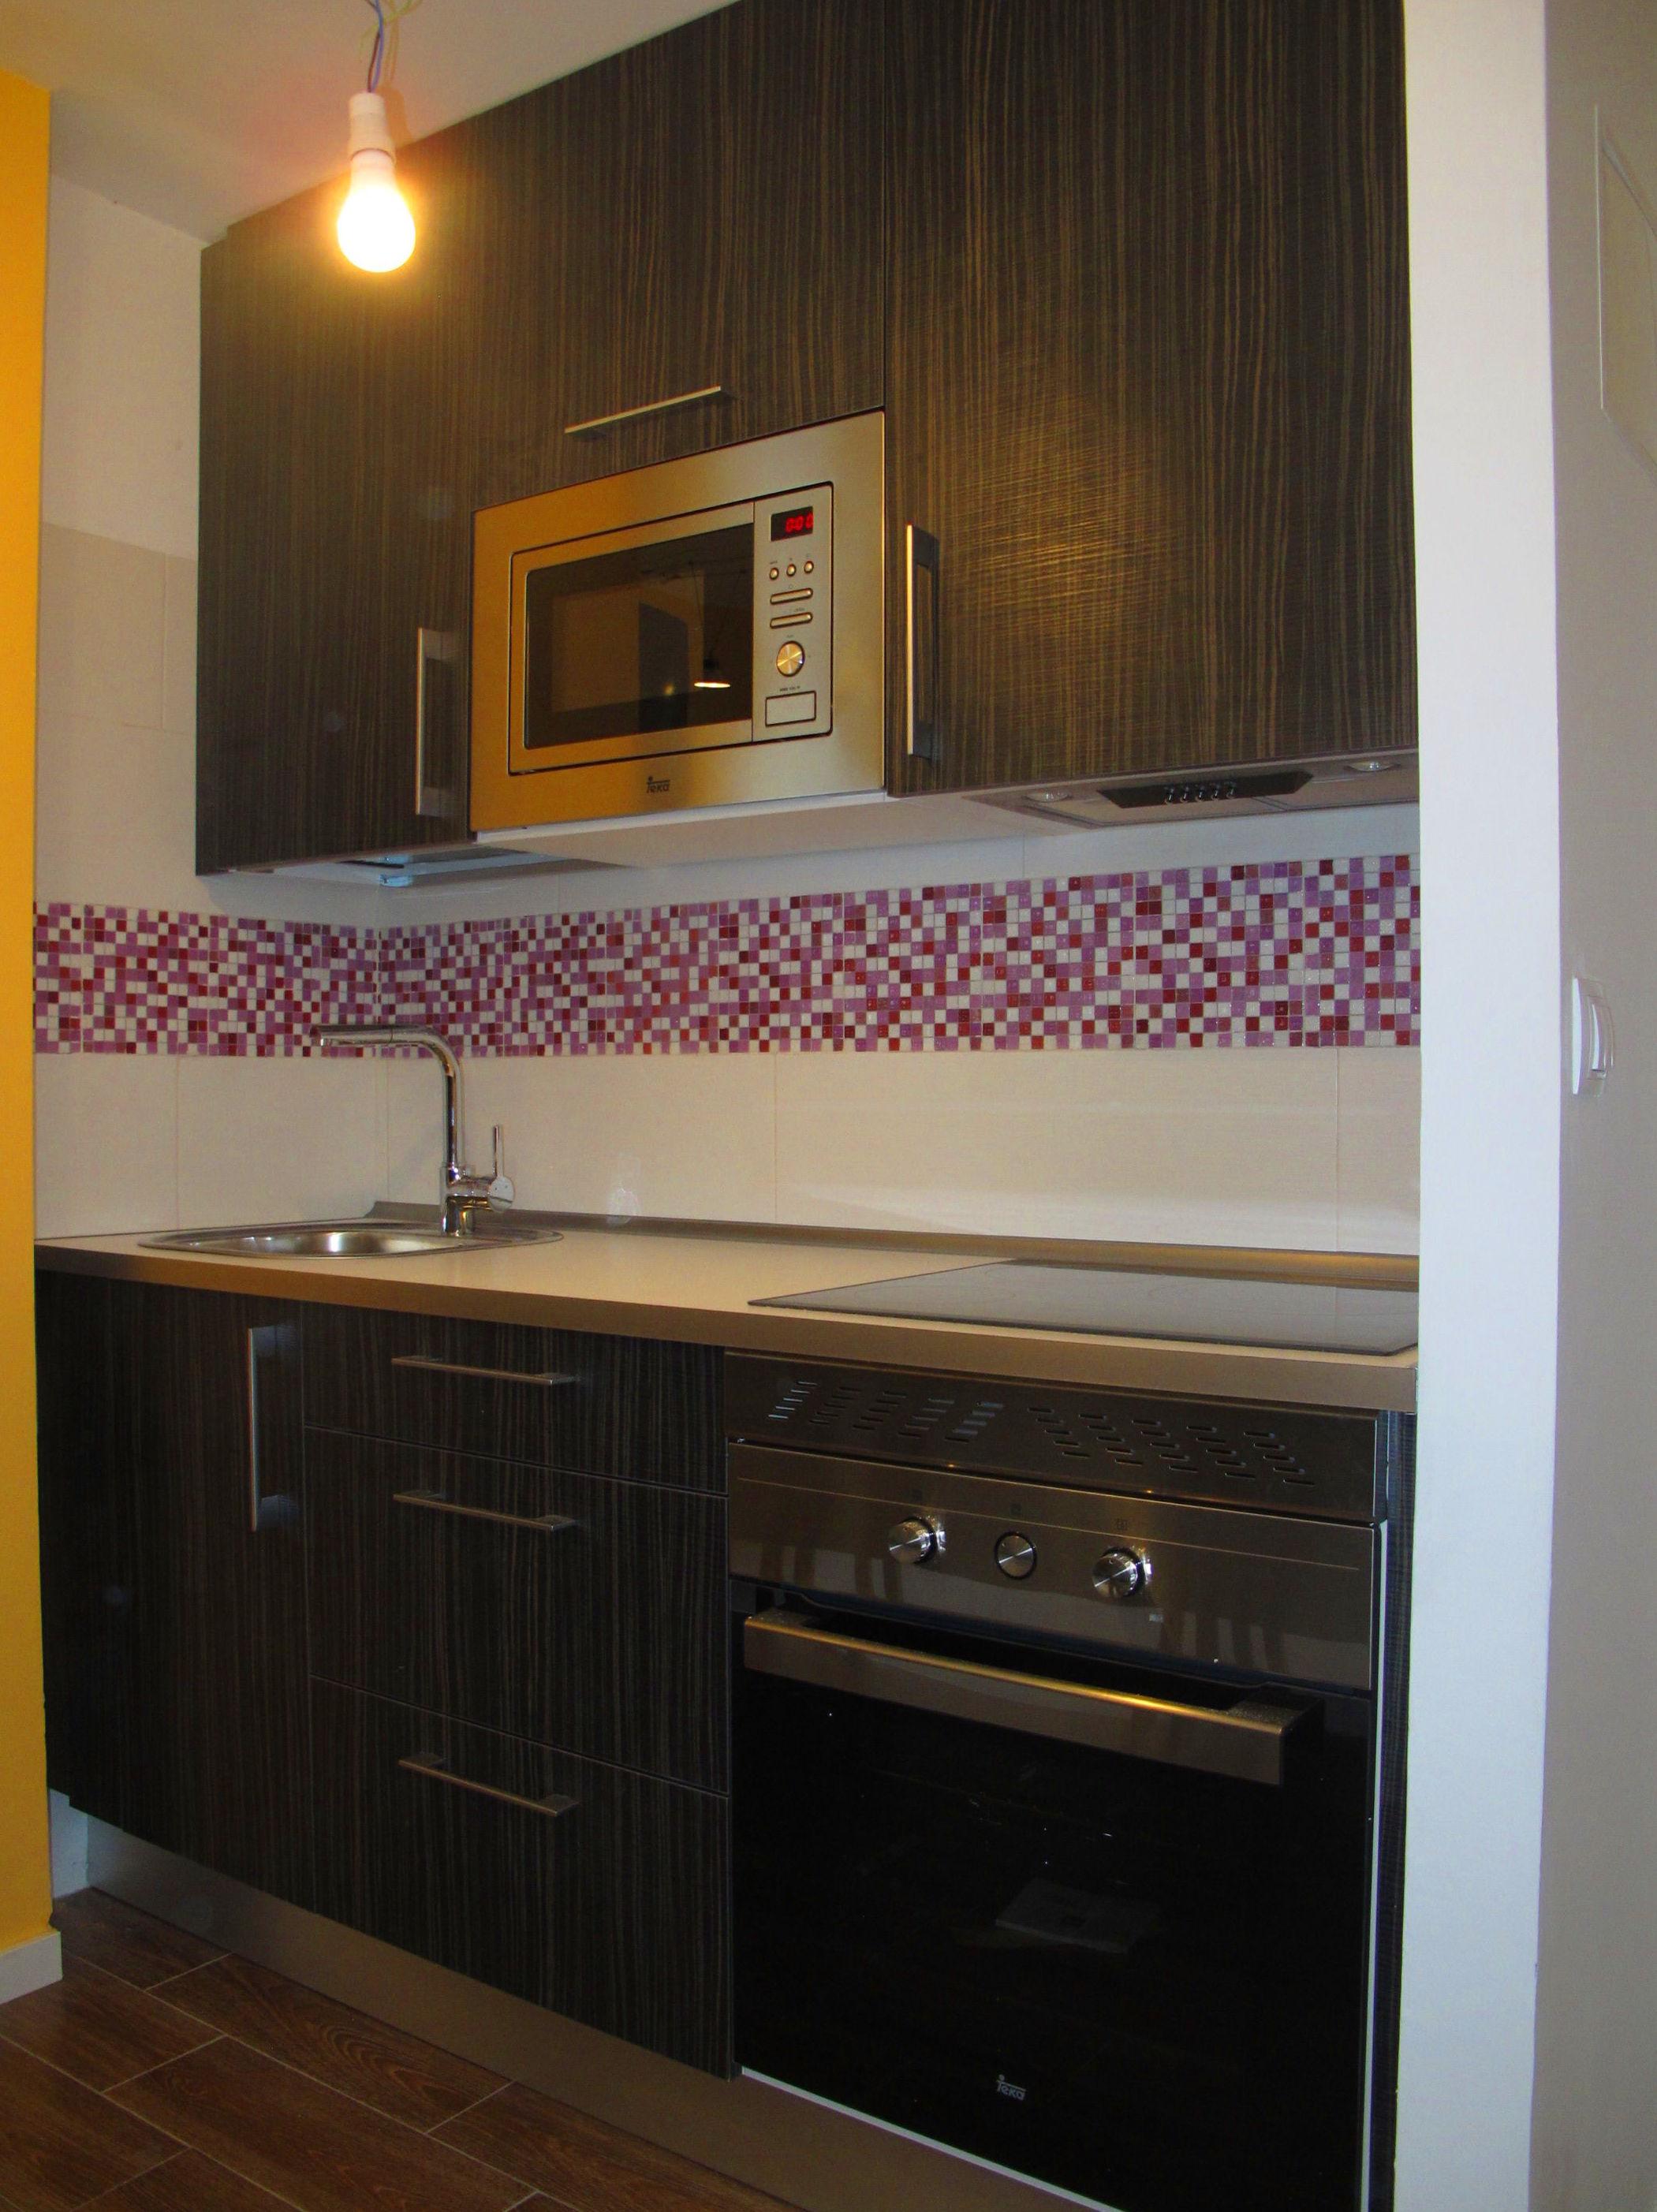 1f proyecto dise os cocinas mc realizado en bilbao pais - Muebles de cocina en bilbao ...